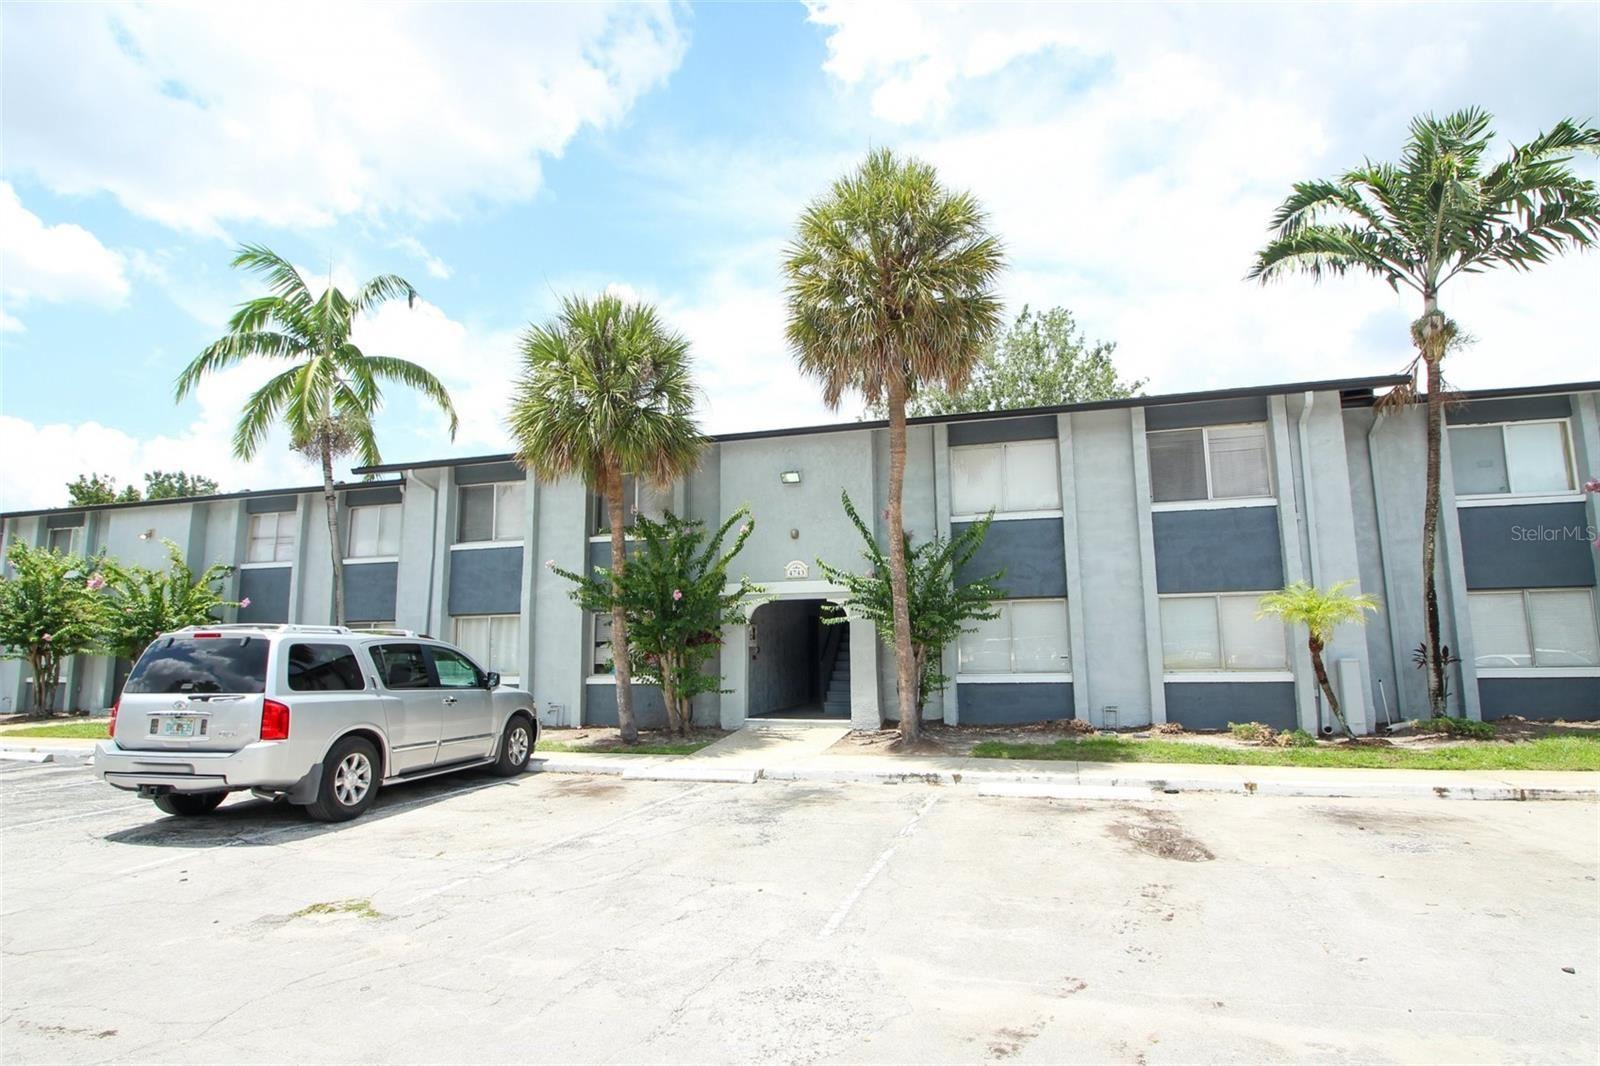 4743 S TEXAS AVENUE #4743A, Orlando, FL 32839 - #: O5961384